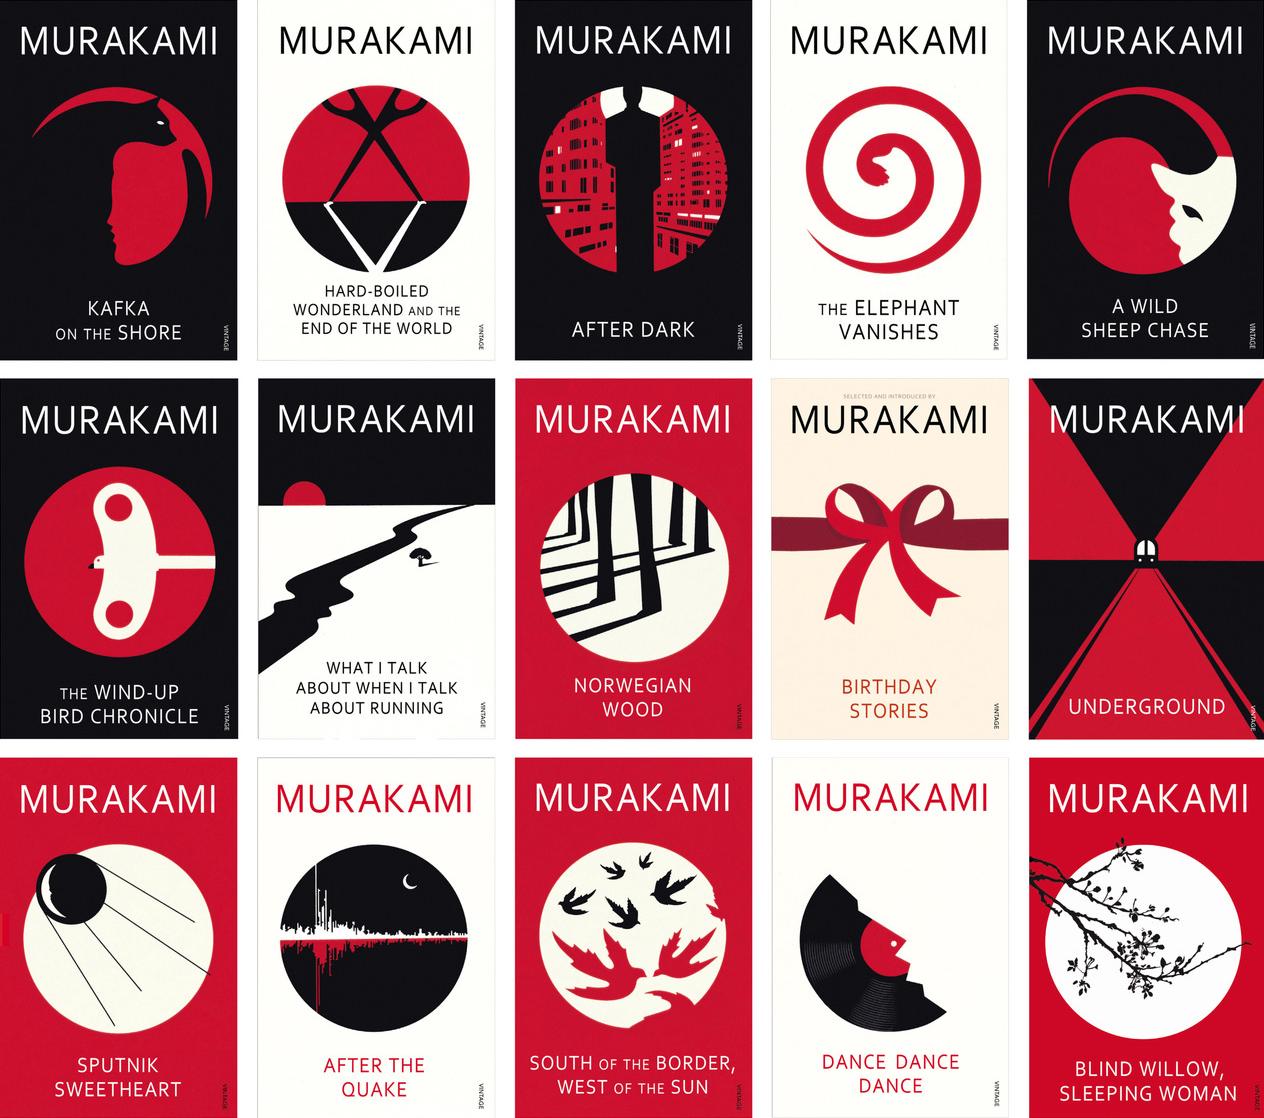 MurakamiTitles